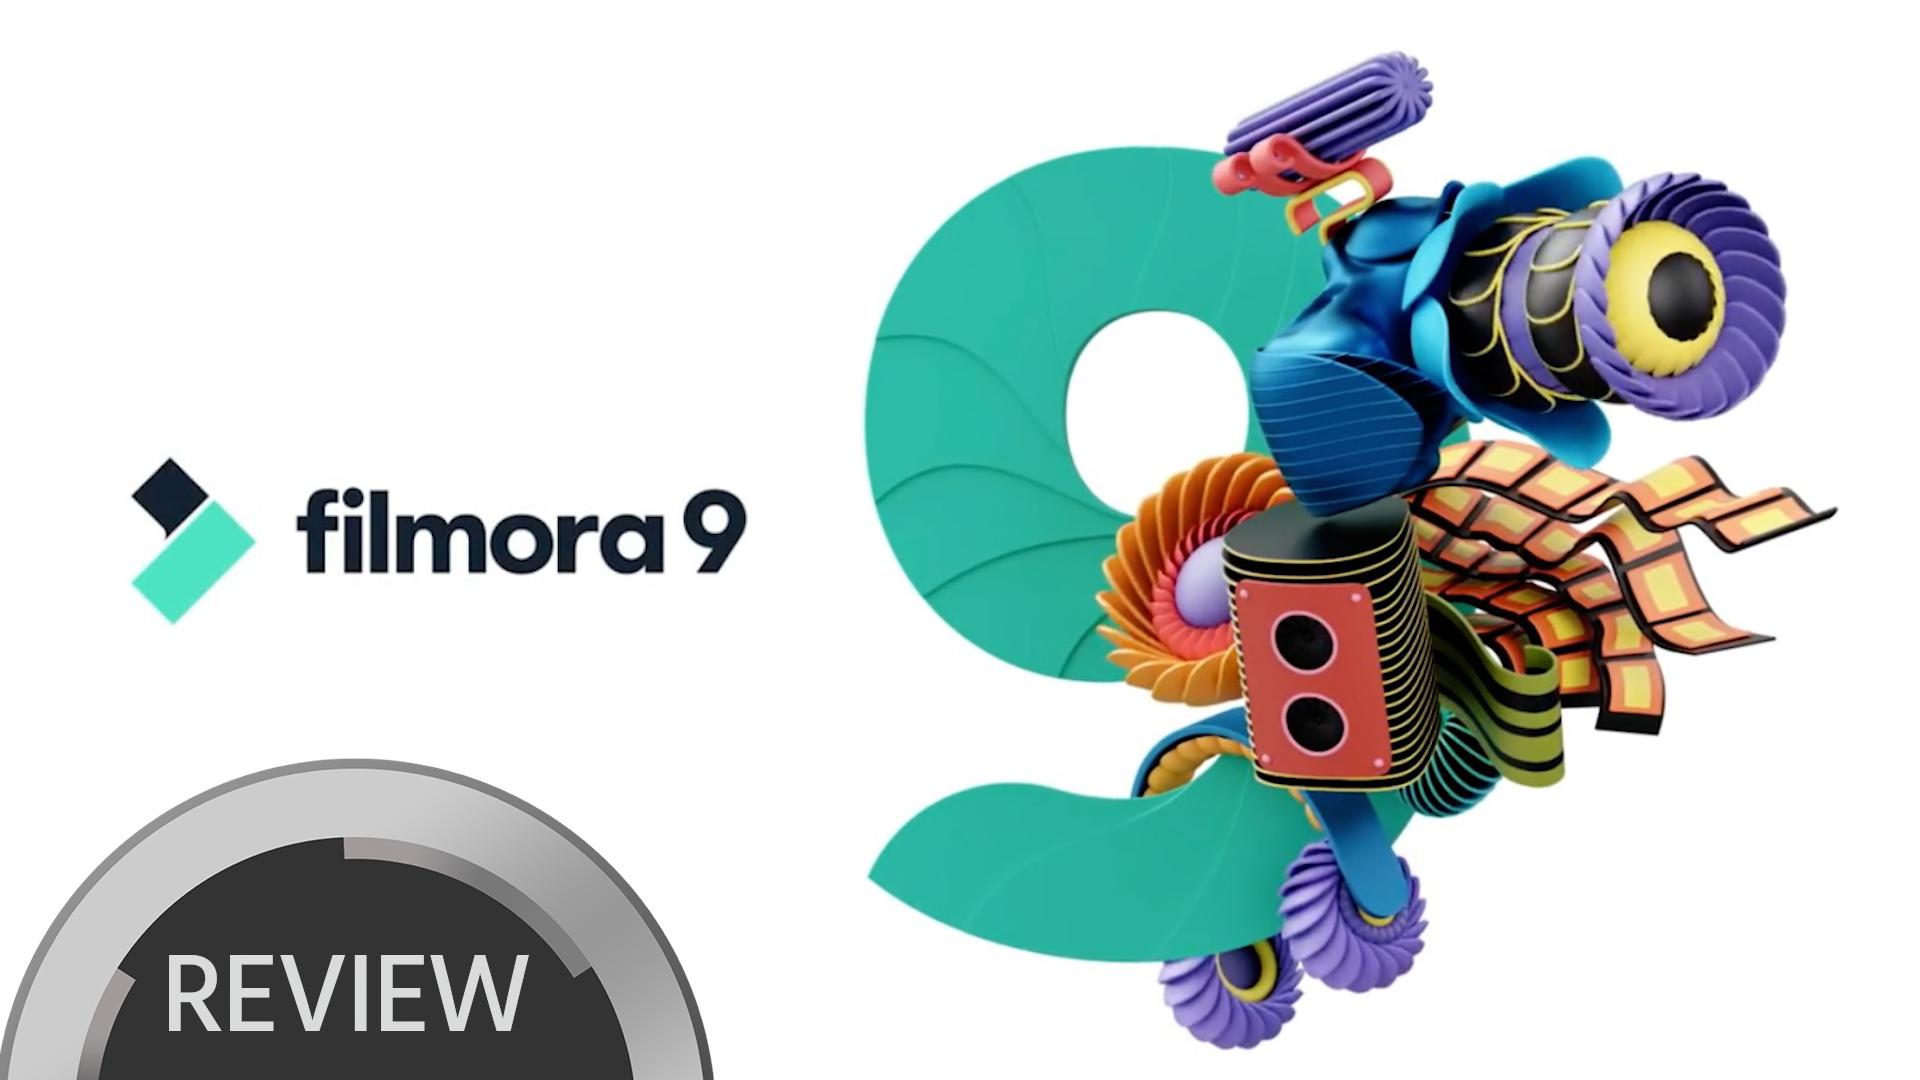 Reseña del Filmora9 - ¿Es una buena opción para editores experimentados?